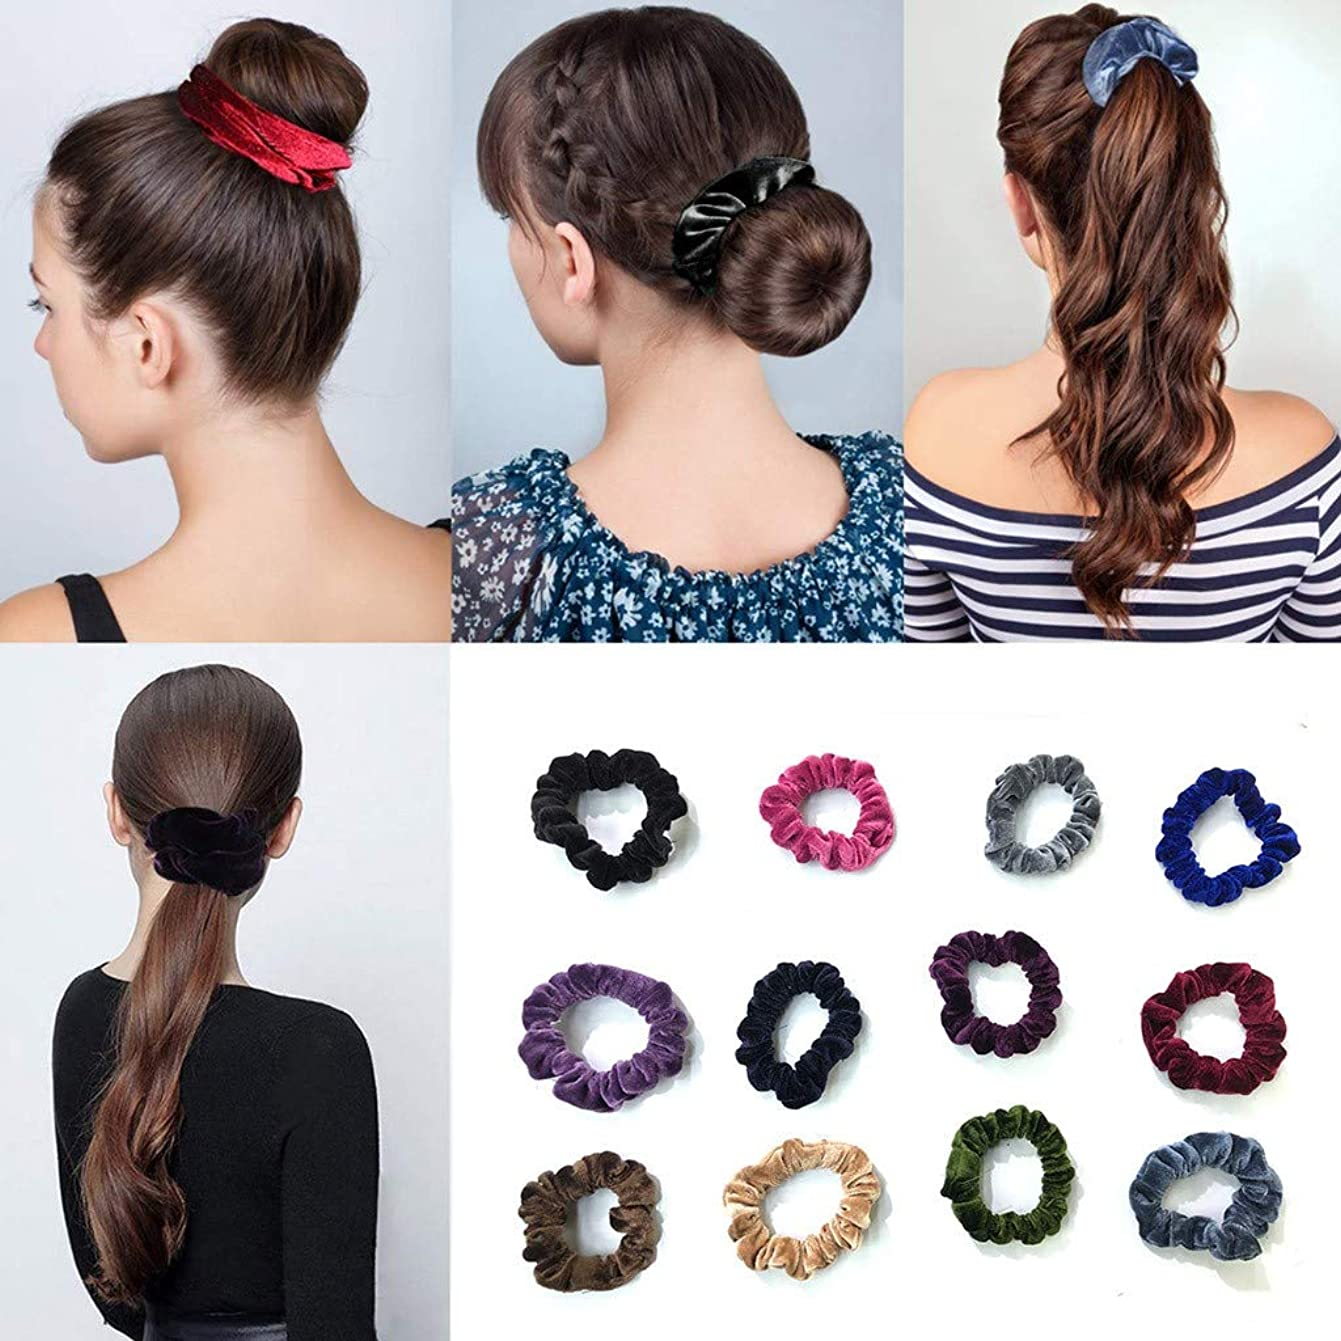 高音好奇心コンパニオン12色レトロベルベットヘッドロープ 女性用または女の子用のヘアアクセサリー用のビロードの弾性ヘッドバンド (多色)